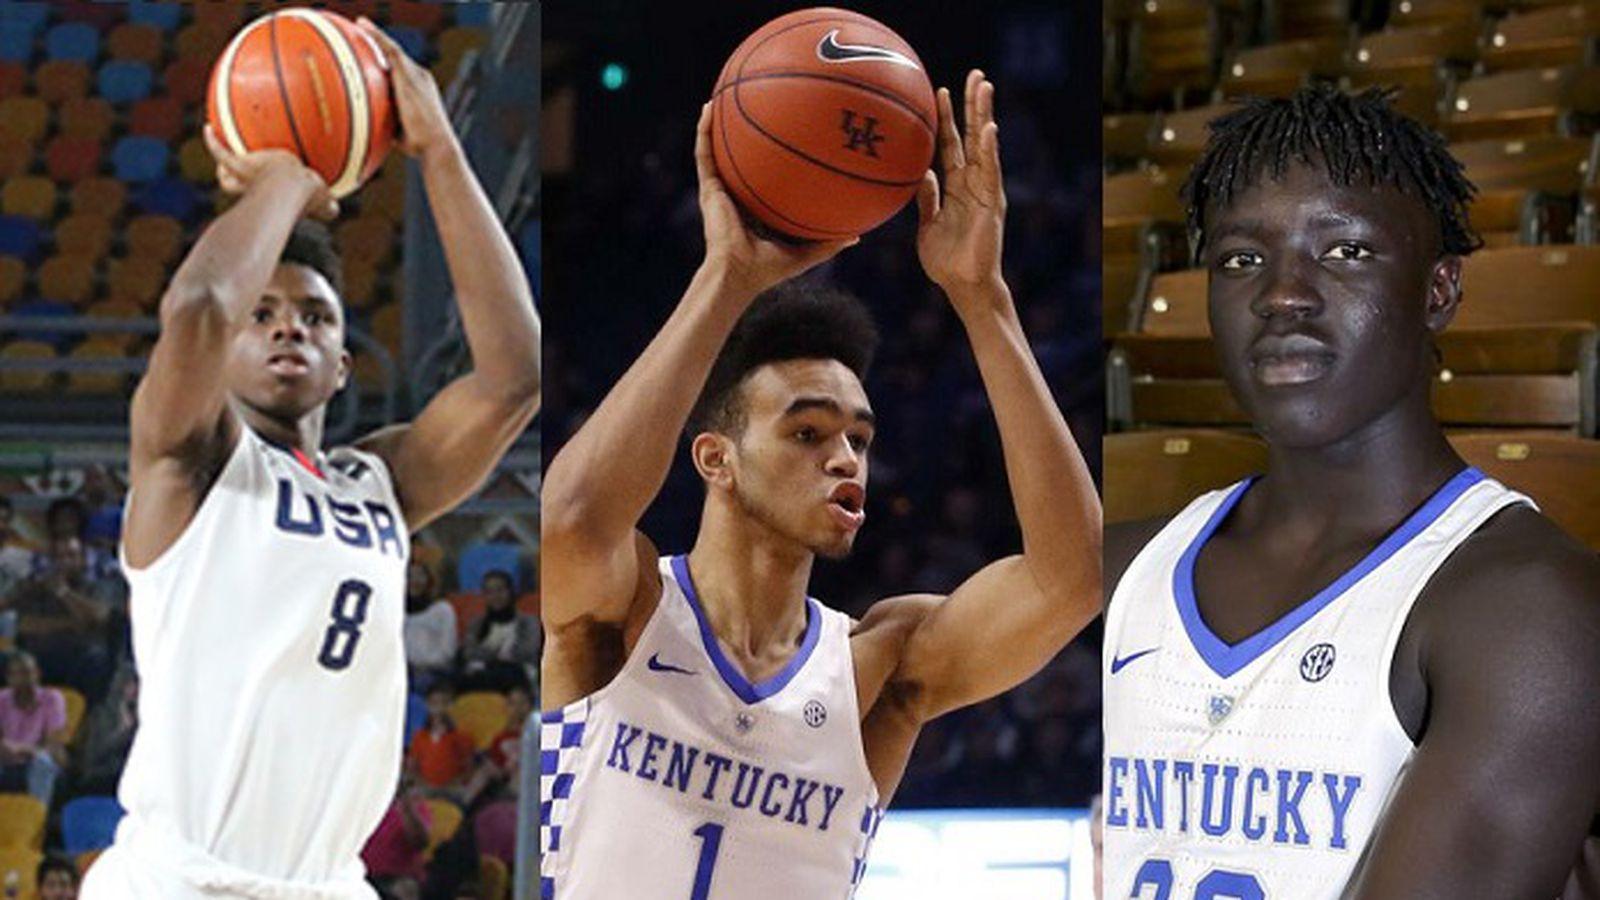 Kentucky Wildcats Basketball 2017 18 Team Photo: Kentucky Wildcats Basketball Roster Review Series